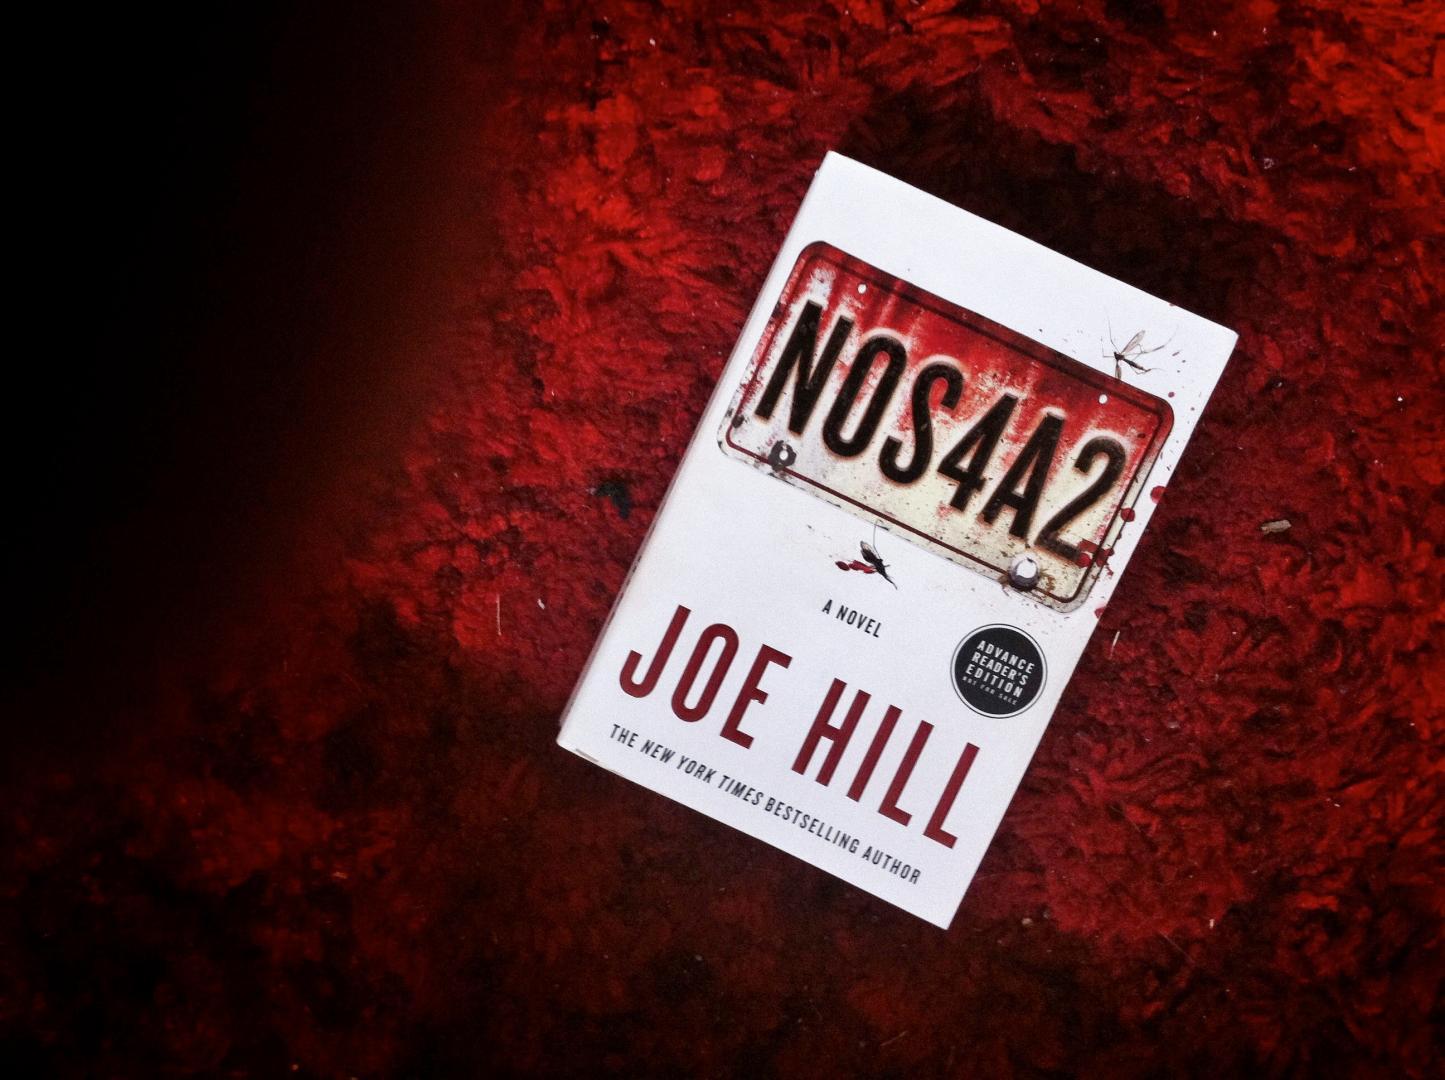 Joe Hill könyve sorozatot kap